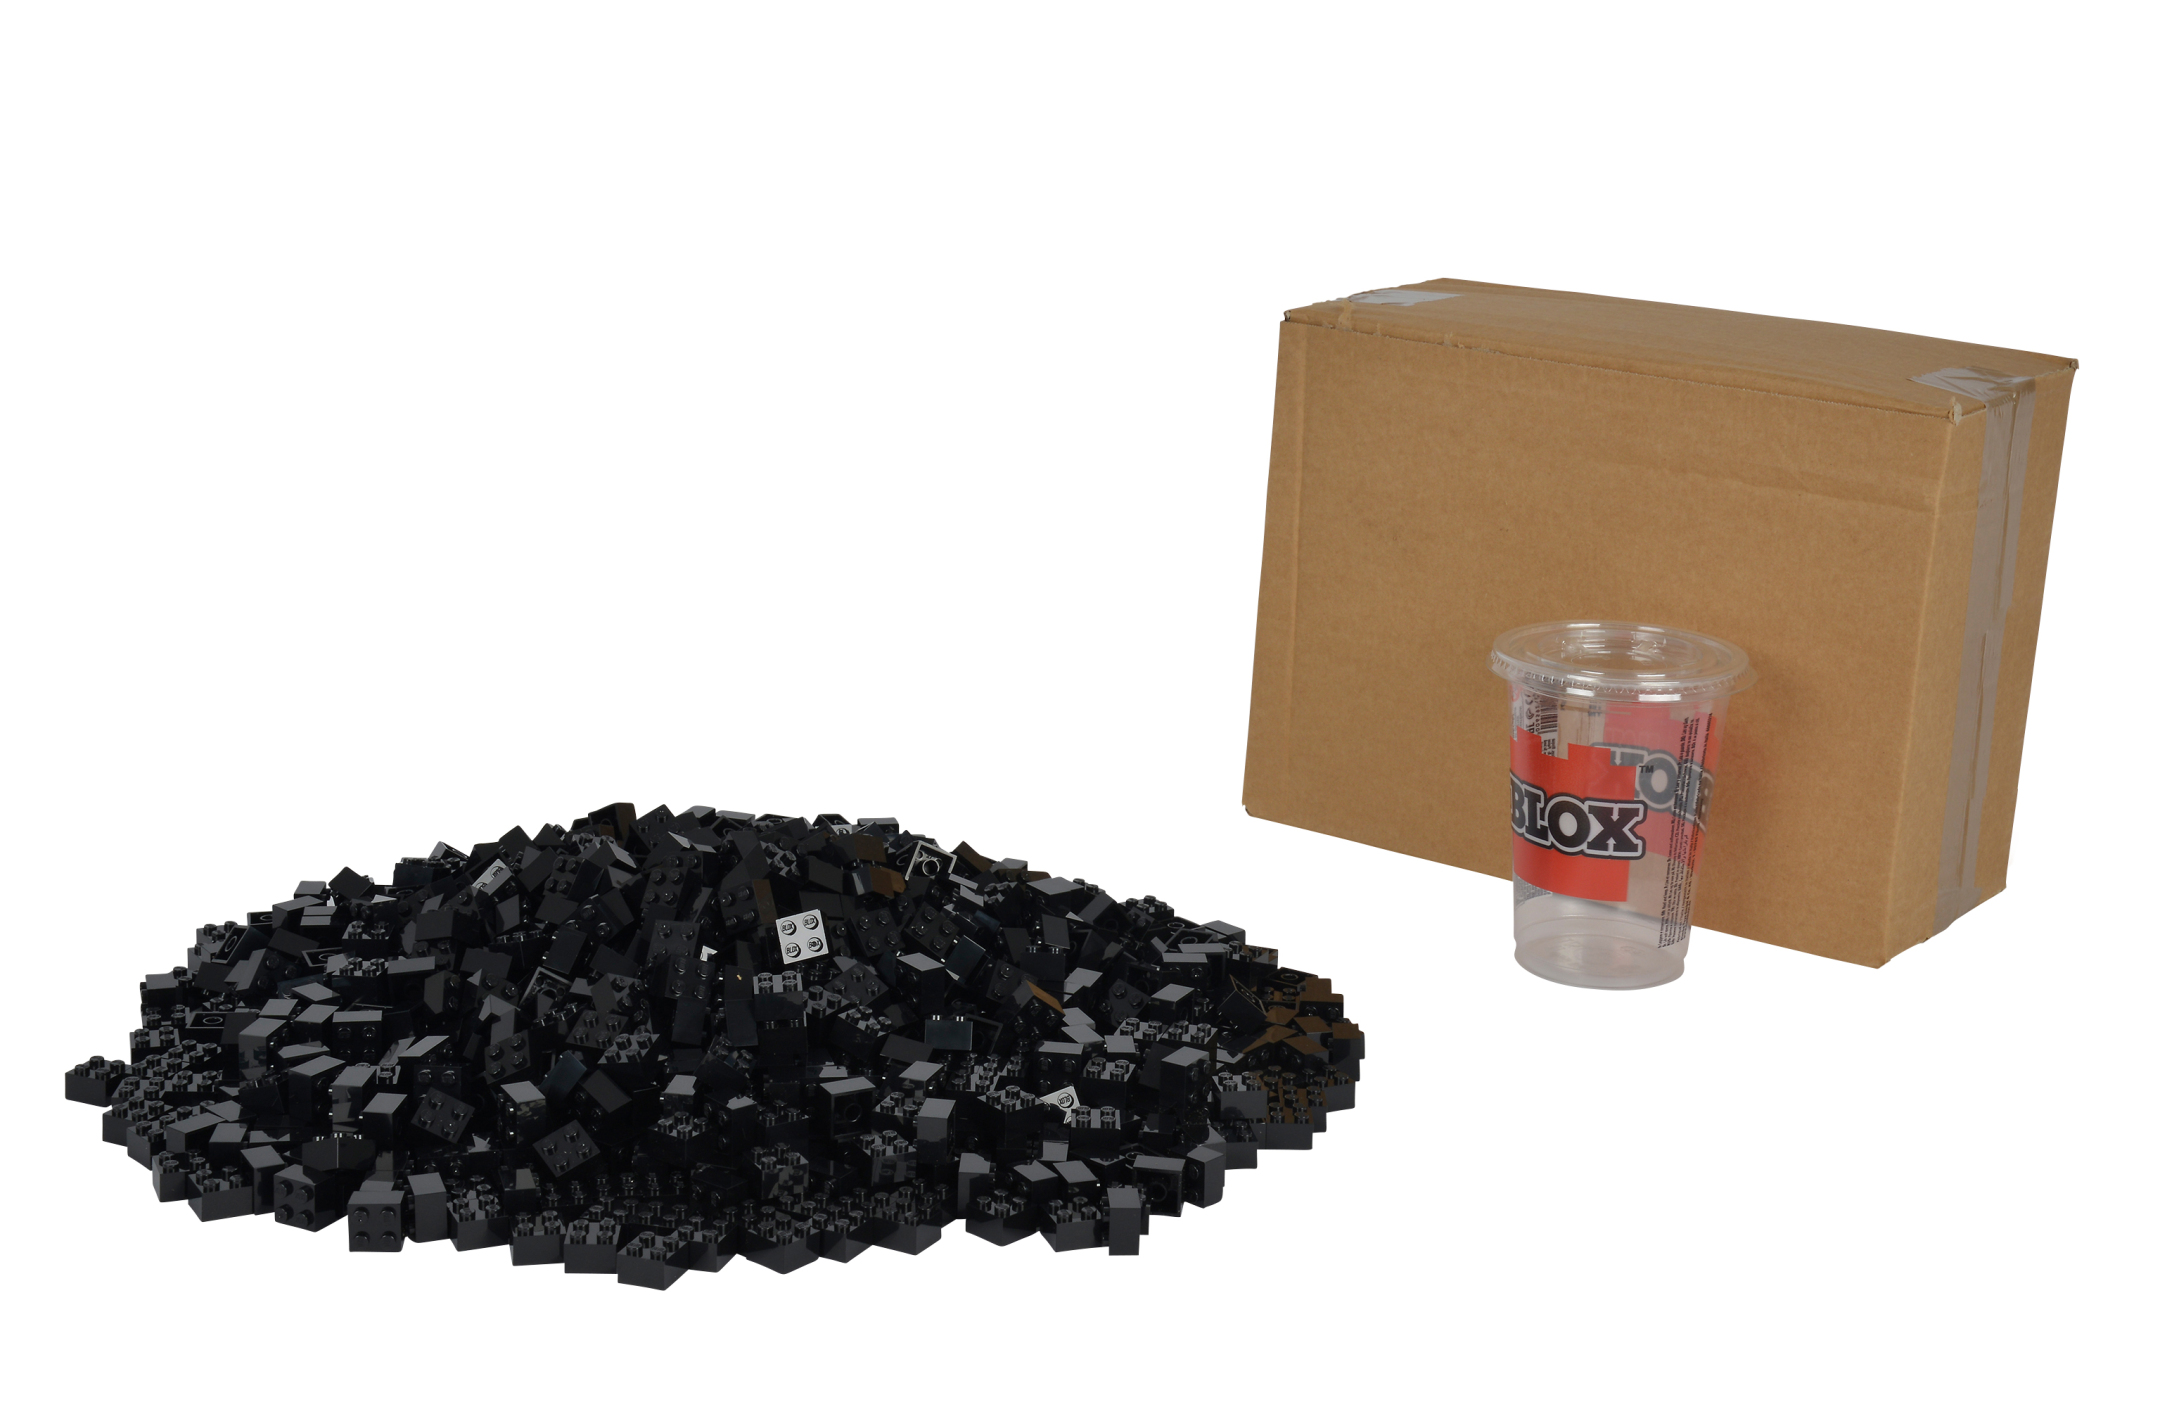 Blox 1000 schwarze 4er Steine